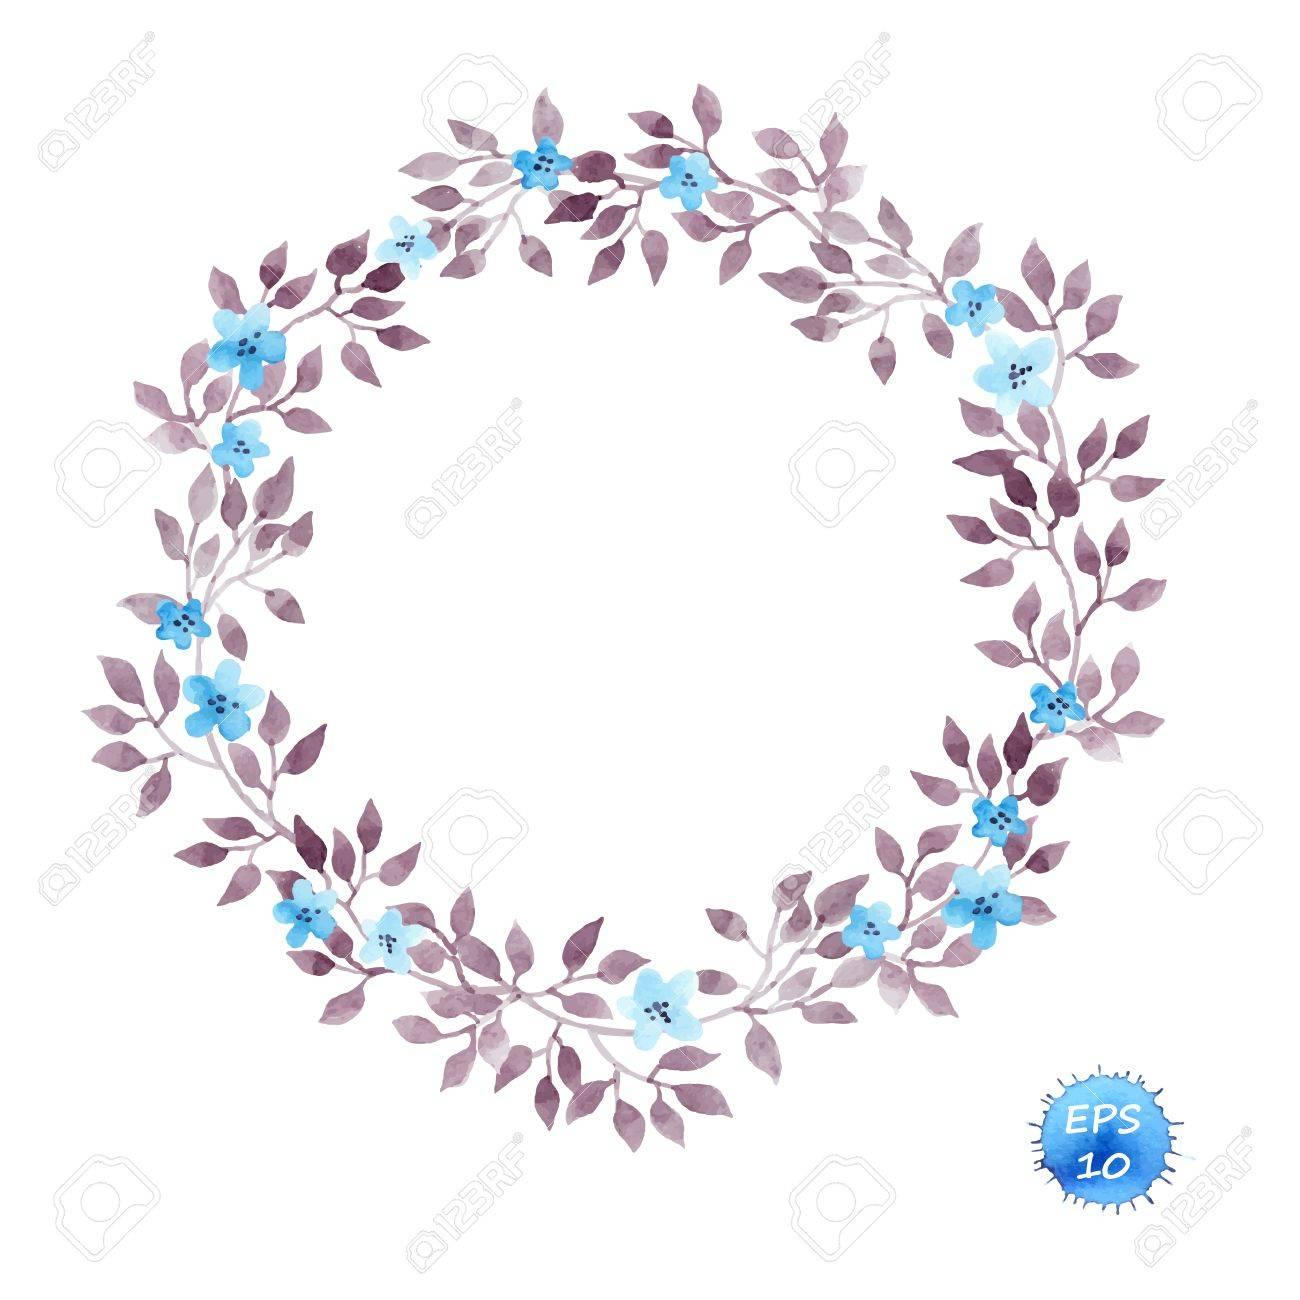 フローラル リース フレームかわいい花とインテリア デザインのための葉水彩ベクトル分離